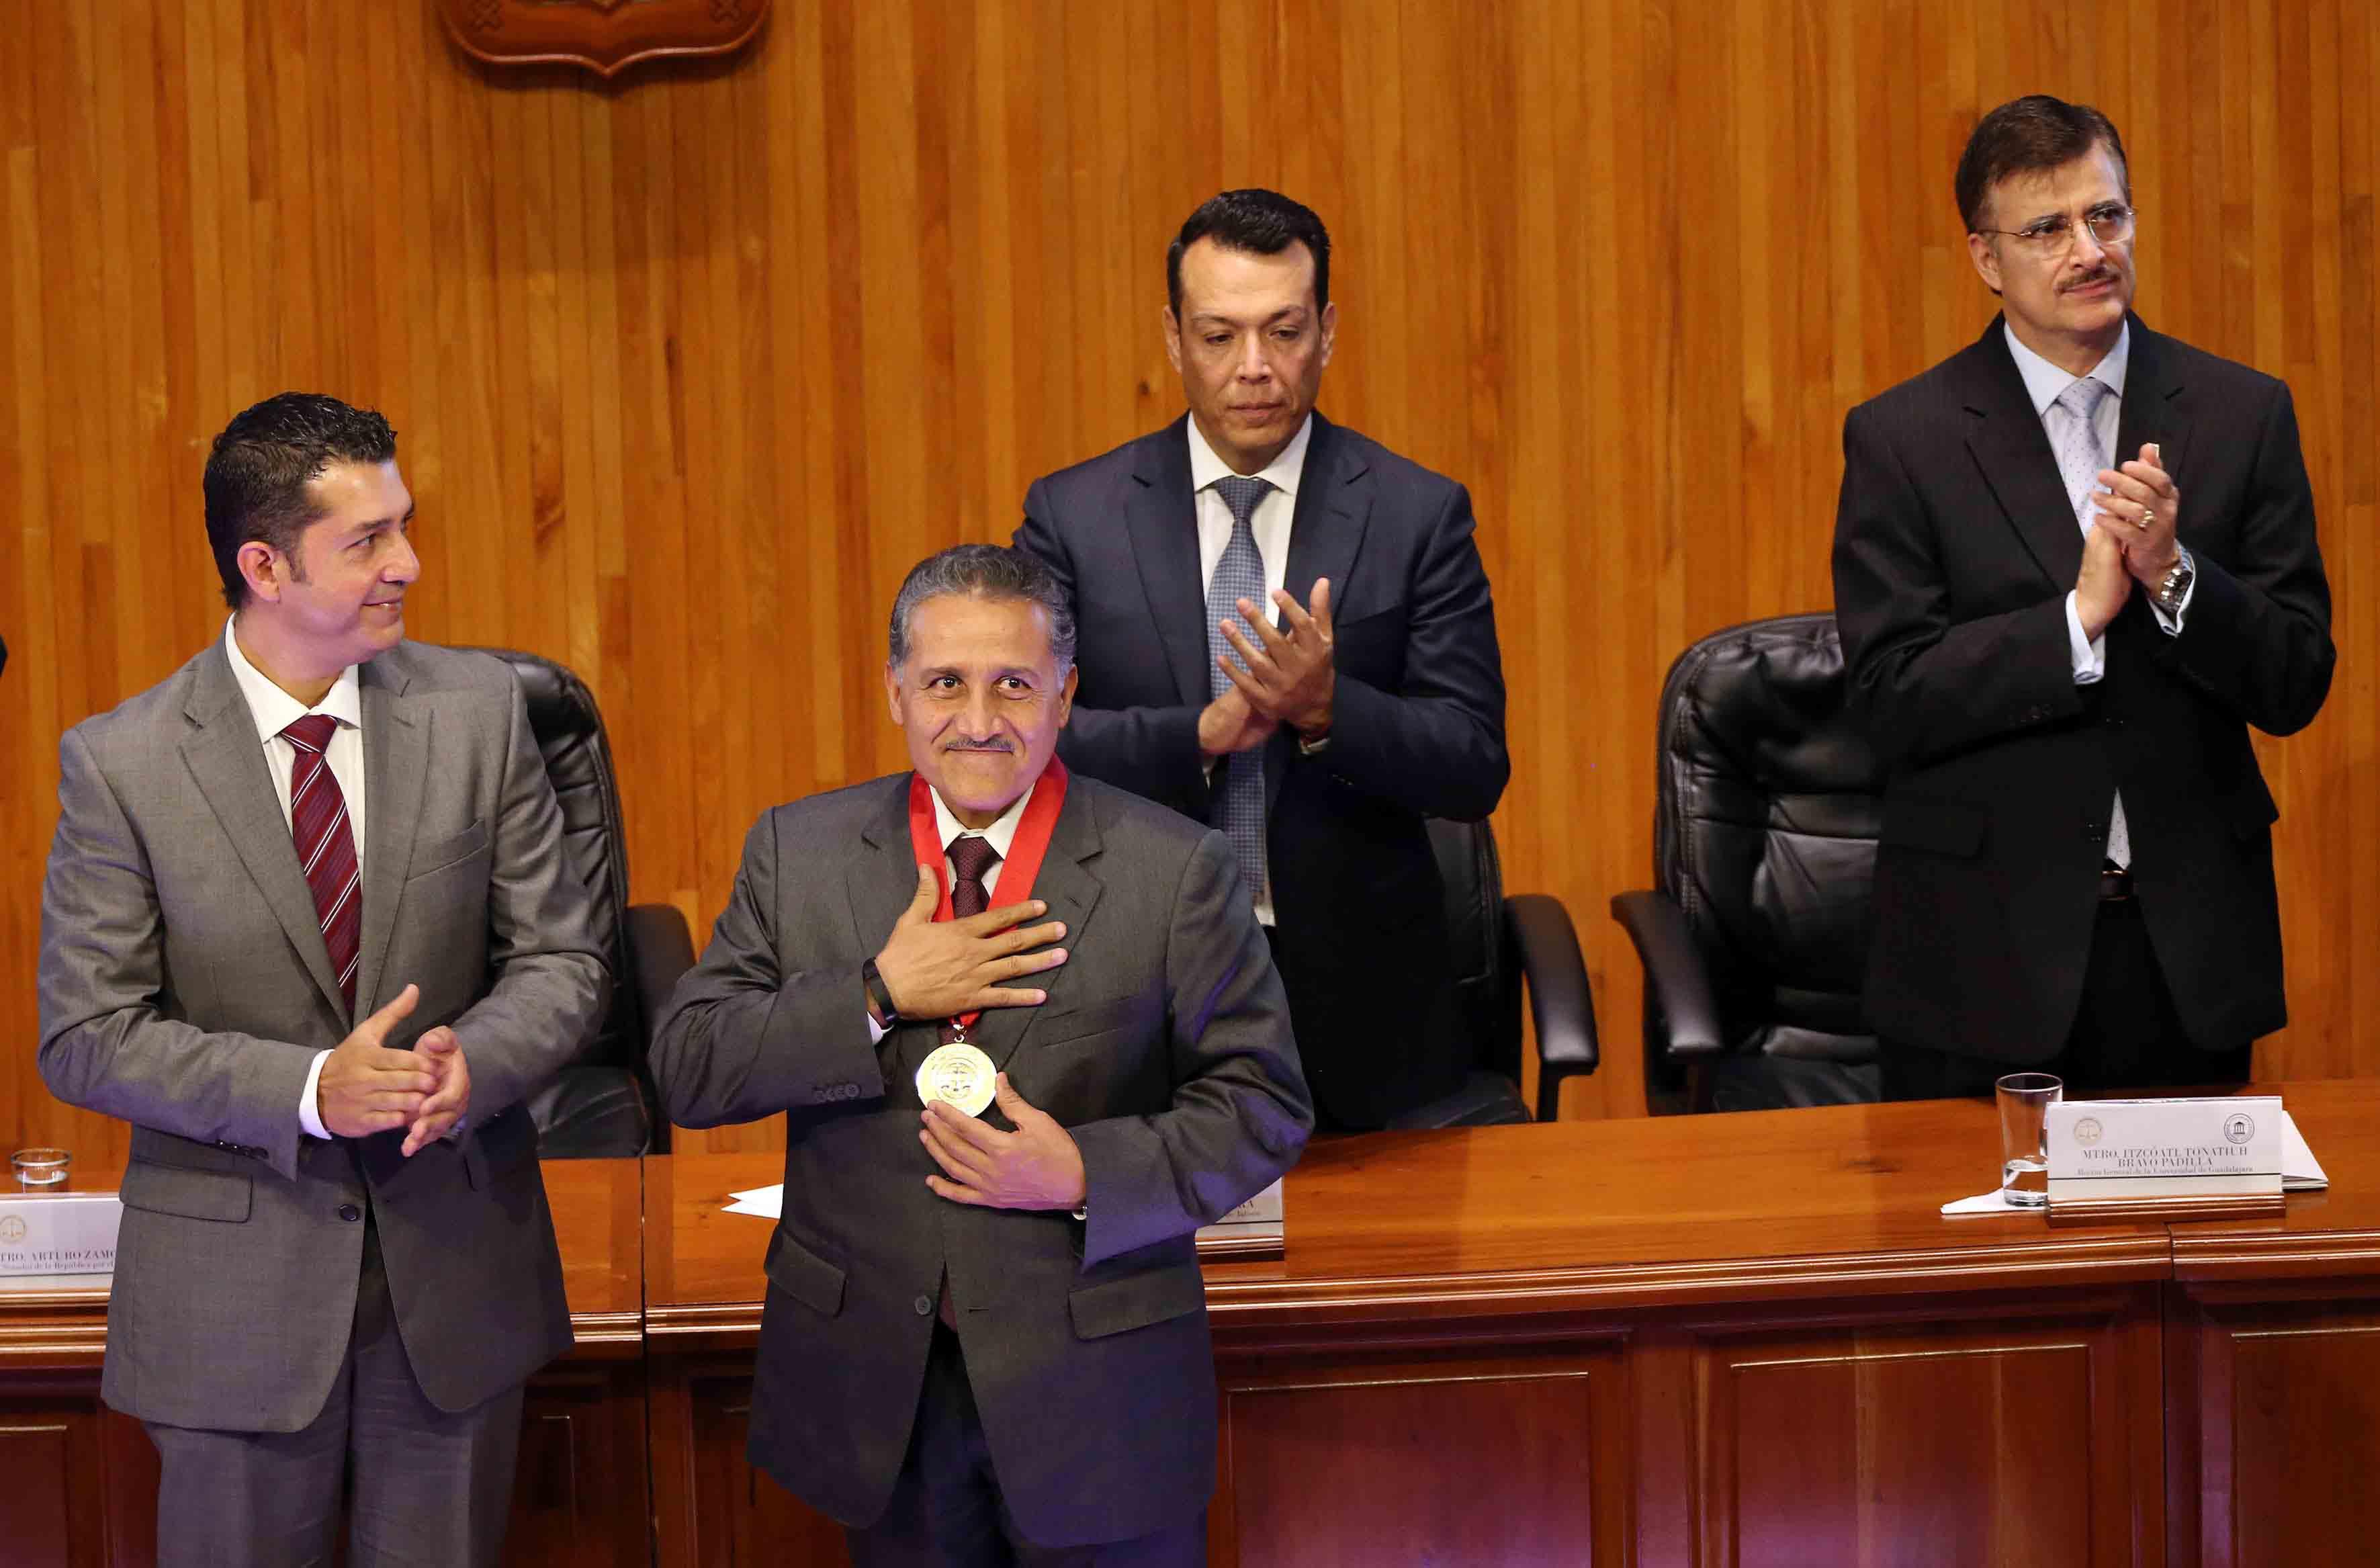 El maestro y senador Arturo Zamora Jiménez, con medalla en cuello, y mano en pecho, agradeciendo al público asistente al Paraninfo Enrique Díaz de León.